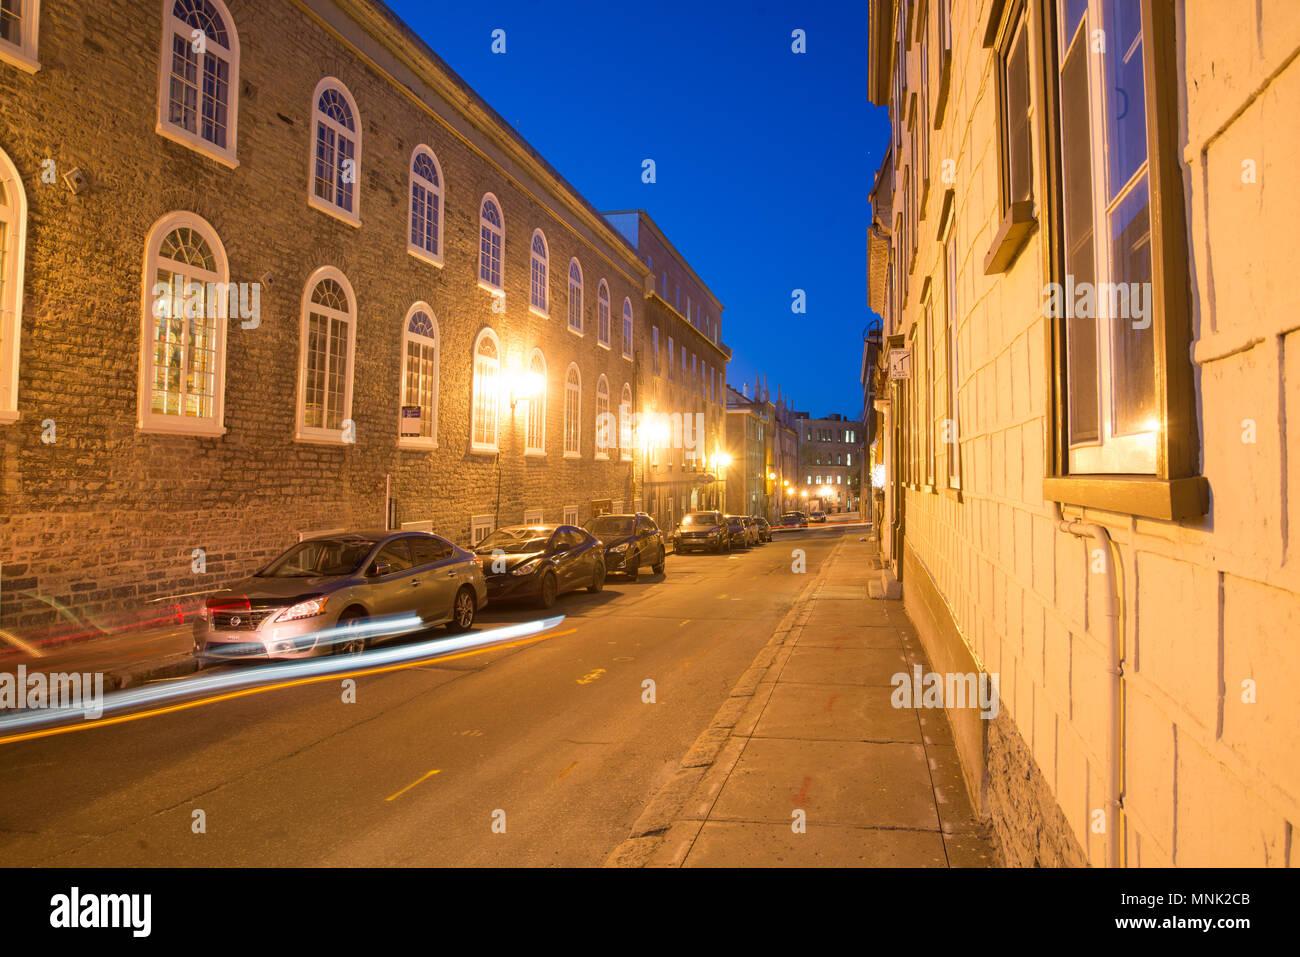 bd0bf12477 Photographies de nuit Vieux Québec Banque D'Images, Photo Stock ...